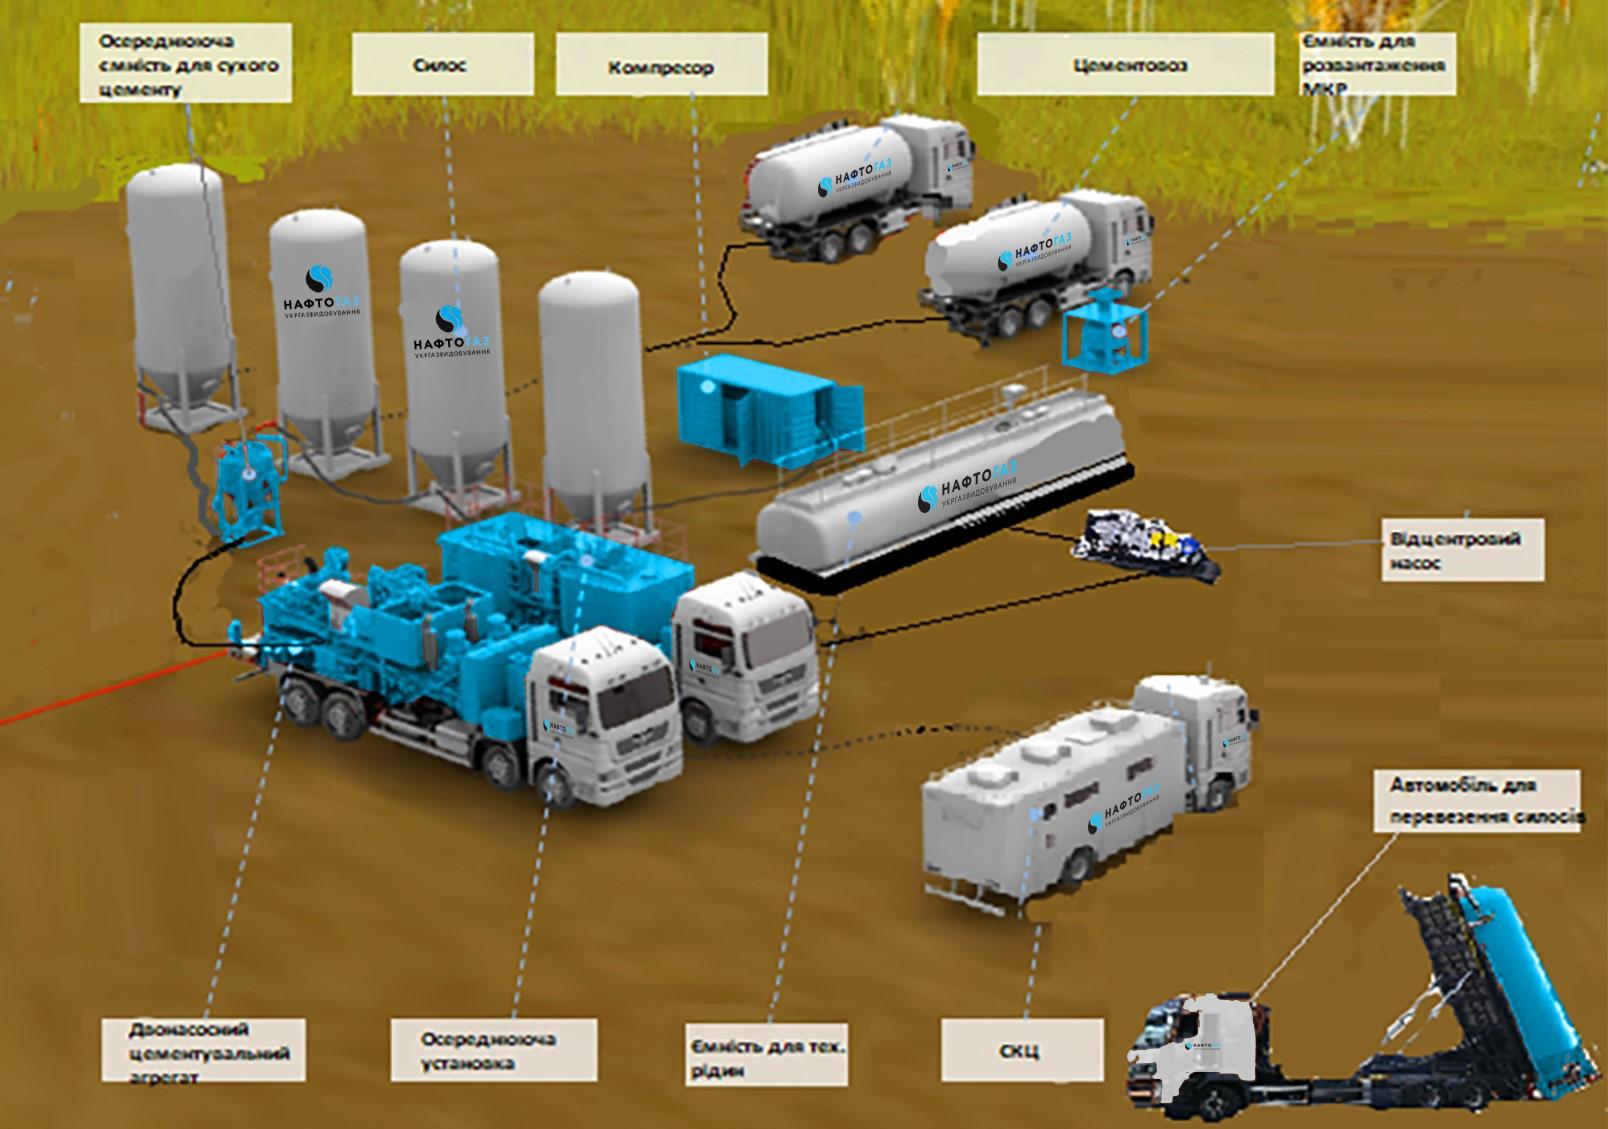 Запрошуємо до участі у процедурі закупівлі комплексу цементувального обладнання